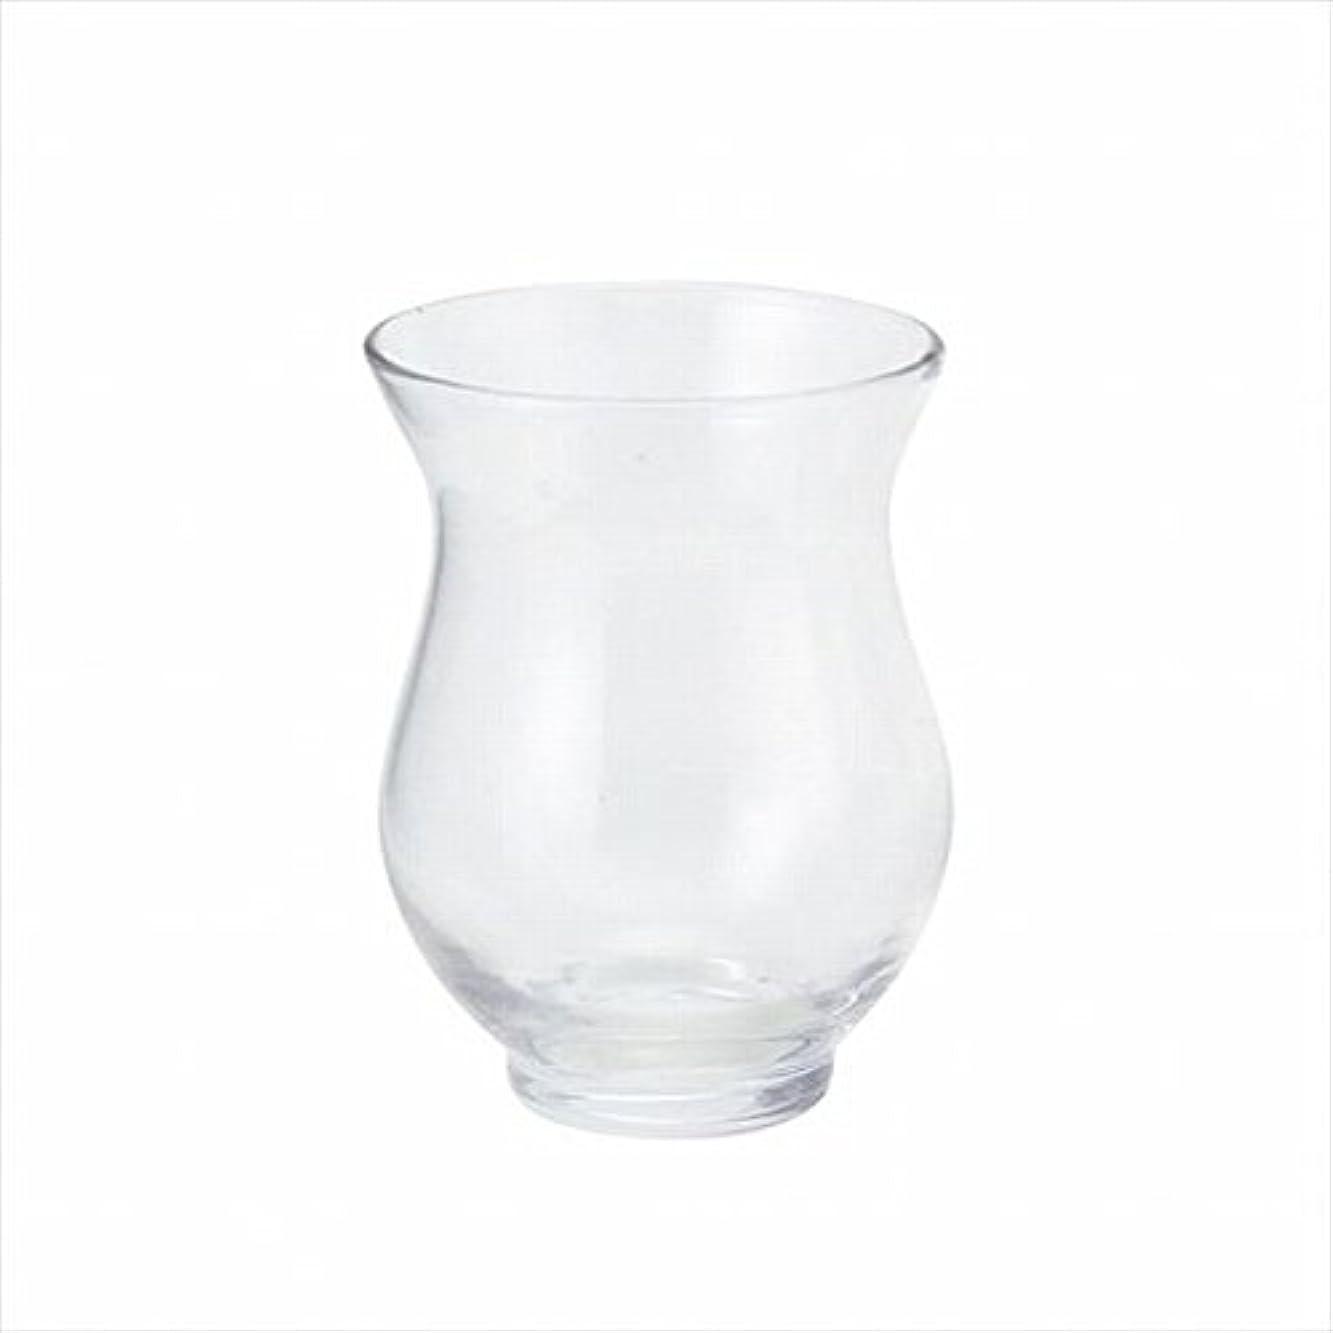 証明するうめき声ジャベスウィルソンkameyama candle(カメヤマキャンドル) ウィンドライトエレガンスS キャンドル 75x75x100mm (D3825023)